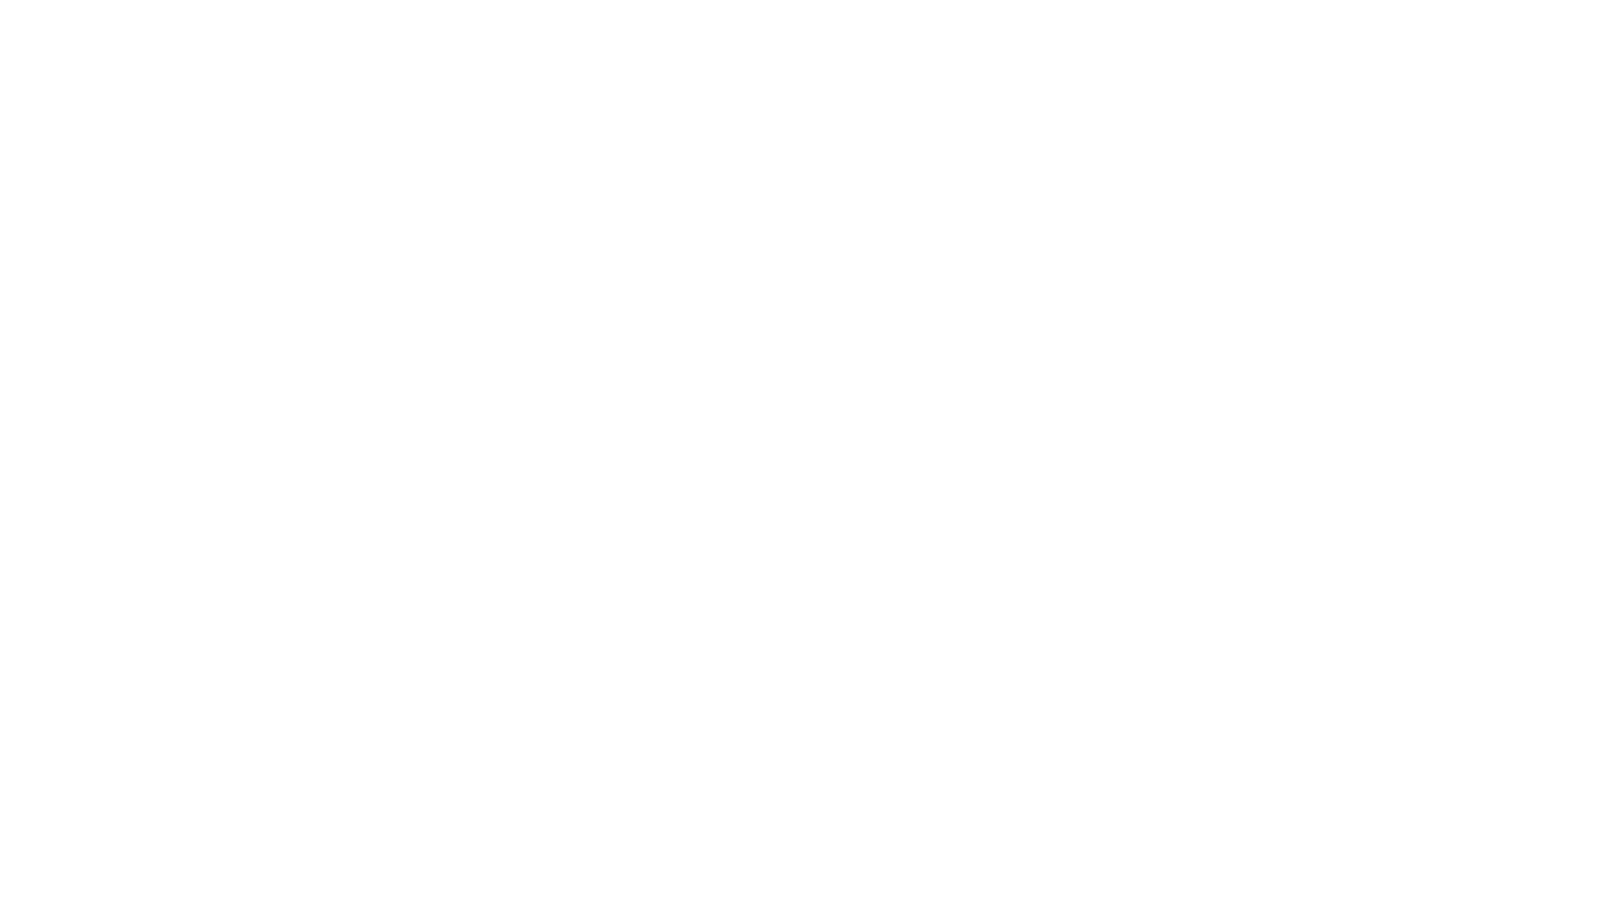 ¿QUIERES COMENZAR EL AÑO FORMÁNDOTE EN UNA DE LAS PROFESIONES DE MAYOR DEMANDA SOCIAL Y LABORAL EN EL 2021?   Si eres de los que todavía prefieres estudiar en la metodología a distancia con material en papel, audios y videos sin necesidad de plataformas digitales ni horarios establecidos, puedes incribirte en uno de los últimos cursos que todavía nos quedan en stock, con el material audiovisual más completo del mercado inteernacional, con tutoría personalizada y directa por email, skype, zoom o telefóno y la posibilidad de financiación.   Nos quedan 12 cursos de profesor de Yoga y 14 de profesor de relajación y Desarrollo personal con Beca de Estudios o Financiados por la Asociación de estudios Prasanitarios.   Ultimos cursos con Beca y Financiación hasta fin de extiencias en el clásico material y metodoogía A DISTANCIA, para quienes preferís formaros con material en papel, audios y videos sin tener que depender de las plataformas digitales ni horarios establecidos.   LLÁMANOS E INFÓRMATE SIN COMPROMISO    www.yogaceysi.com Entra en la sección FORMACIÓN y A DISTANCIA   +34 627 265 606   info@yogaceysi.com